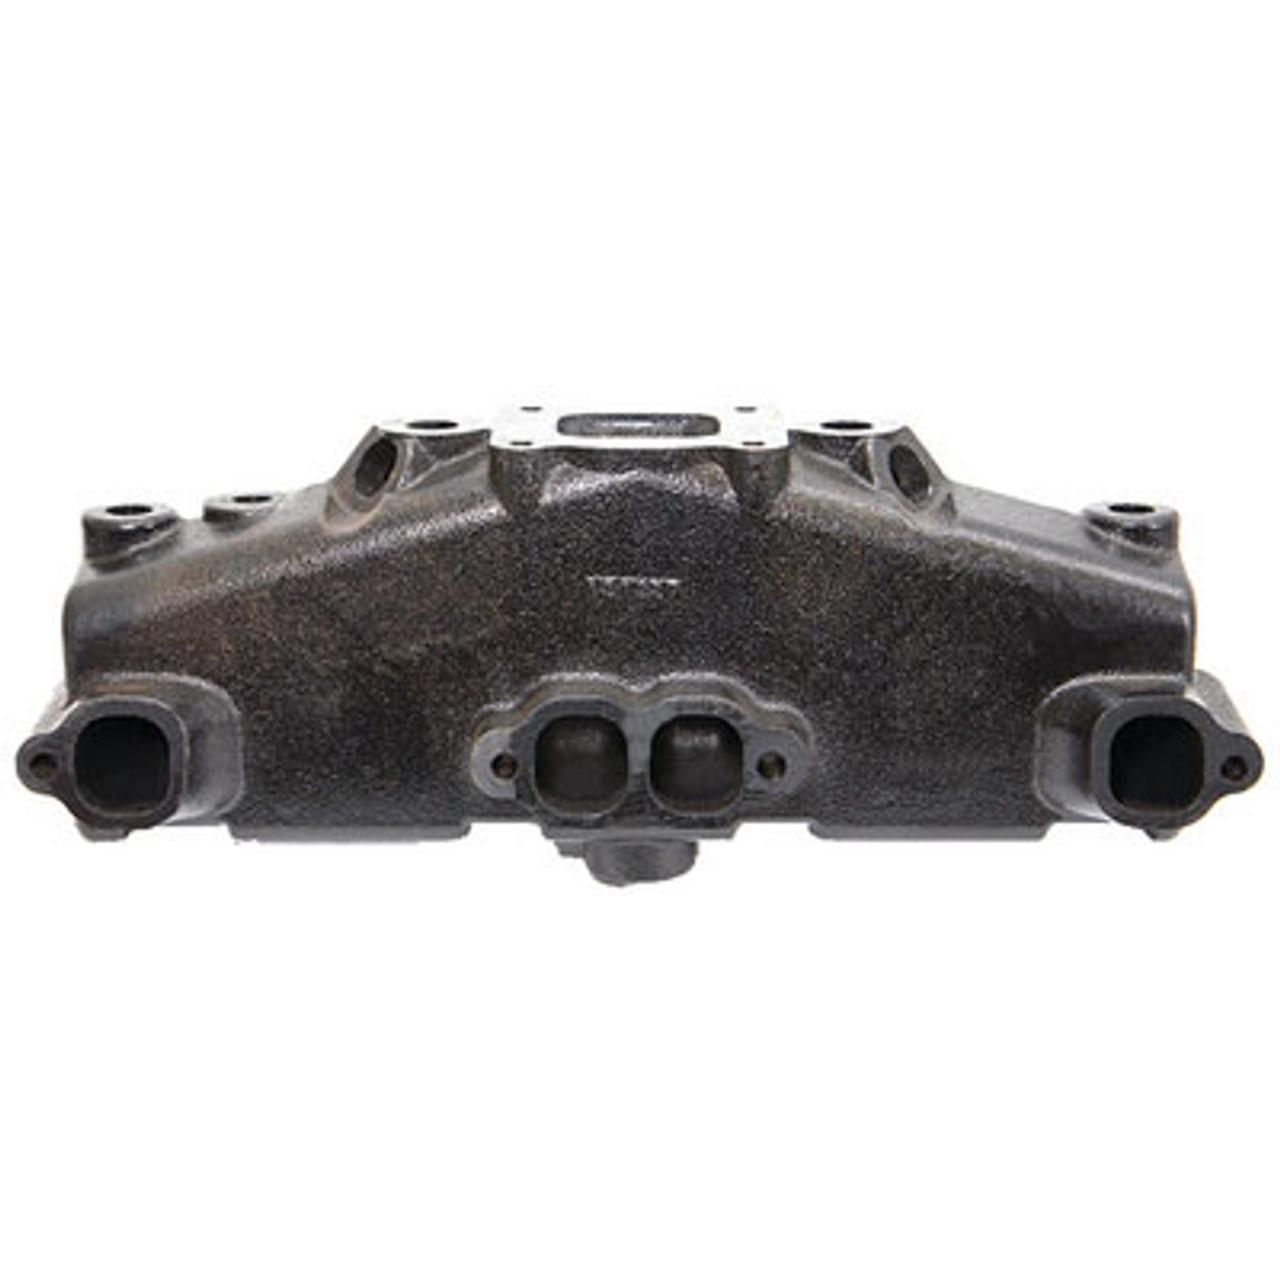 sierra mercruiser 350 305 5 0 5 7 dry joint exhaust manifold 865735a02 18 1843